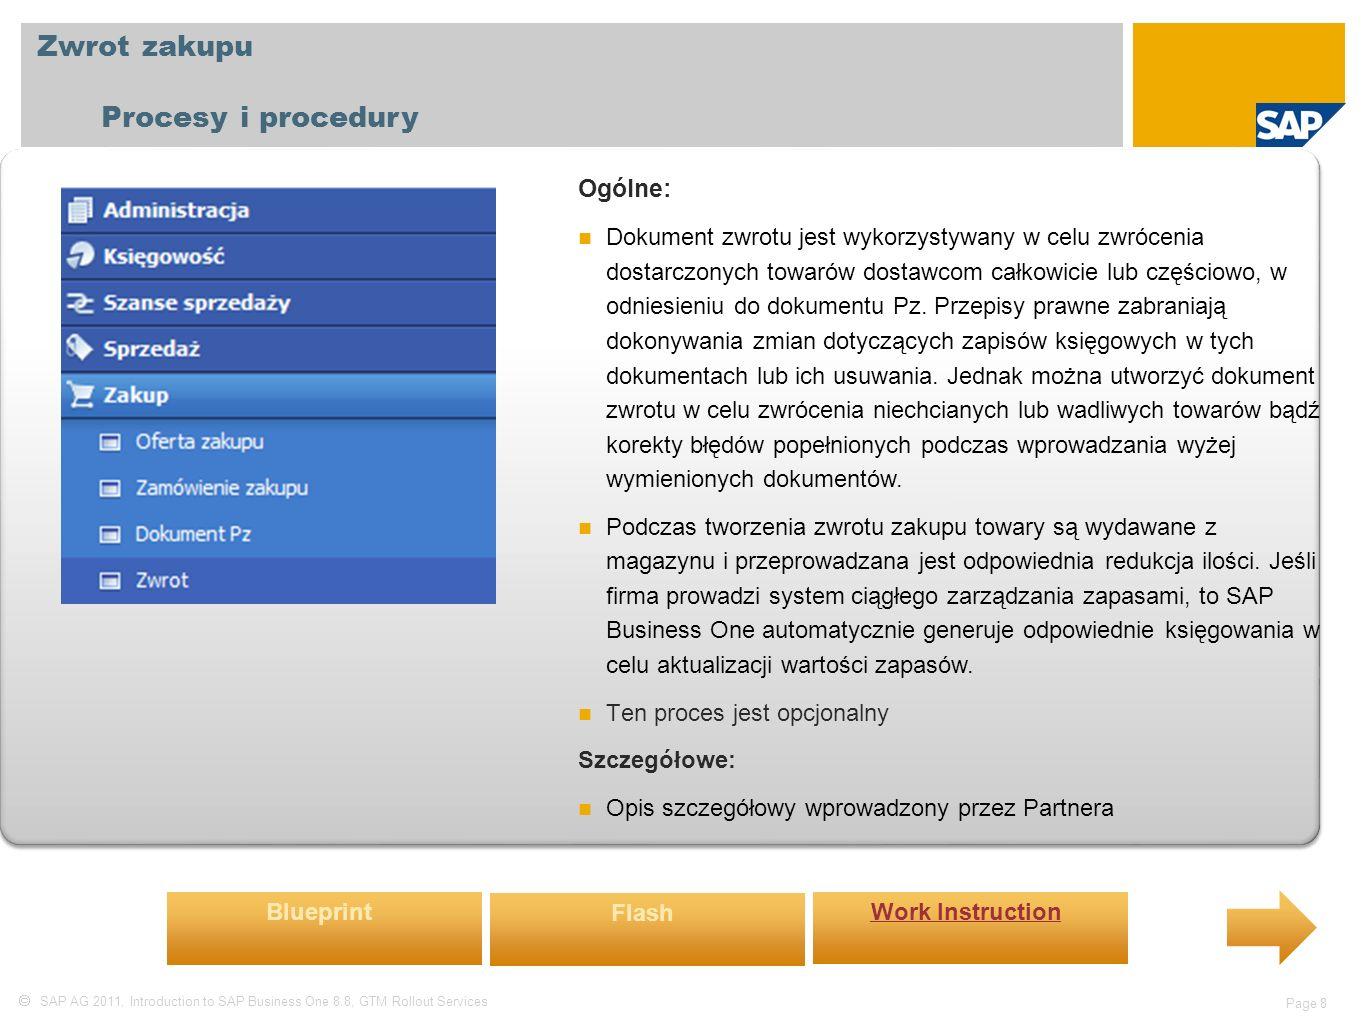  SAP AG 2011, Introduction to SAP Business One 8.8, GTM Rollout Services Page 8 Zwrot zakupu Procesy i procedury Ogólne: Dokument zwrotu jest wykorzystywany w celu zwrócenia dostarczonych towarów dostawcom całkowicie lub częściowo, w odniesieniu do dokumentu Pz.